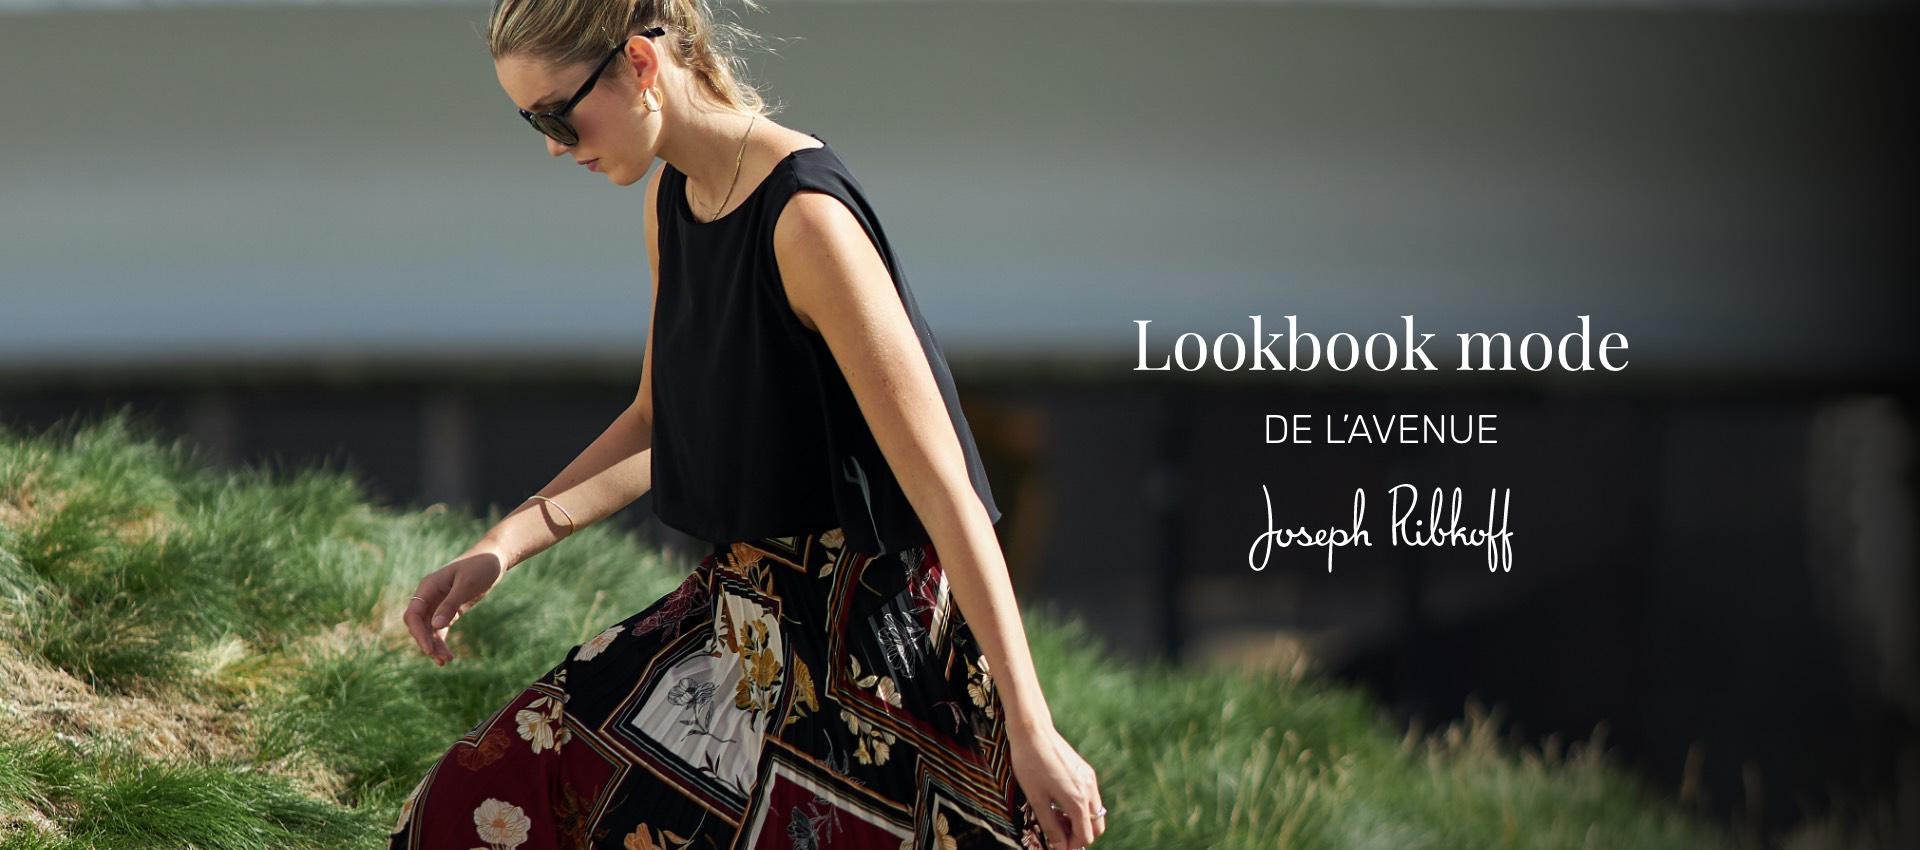 Lookbook mode de l'Avenue